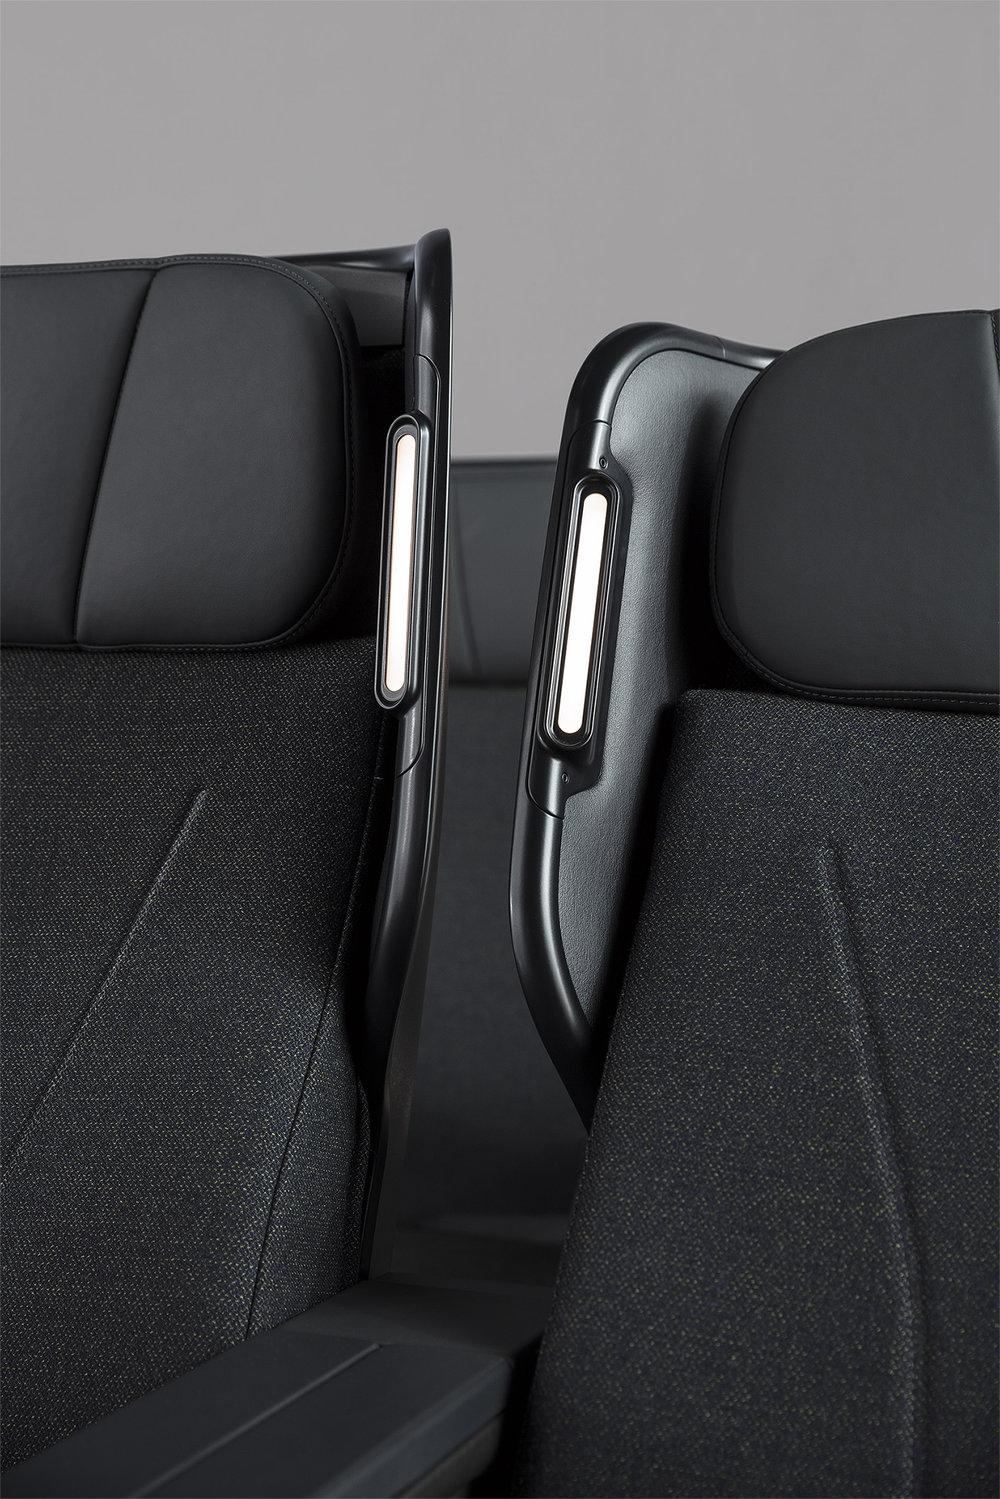 04 Caon_QF+Seats_0A8A7699_RT_DE.jpg